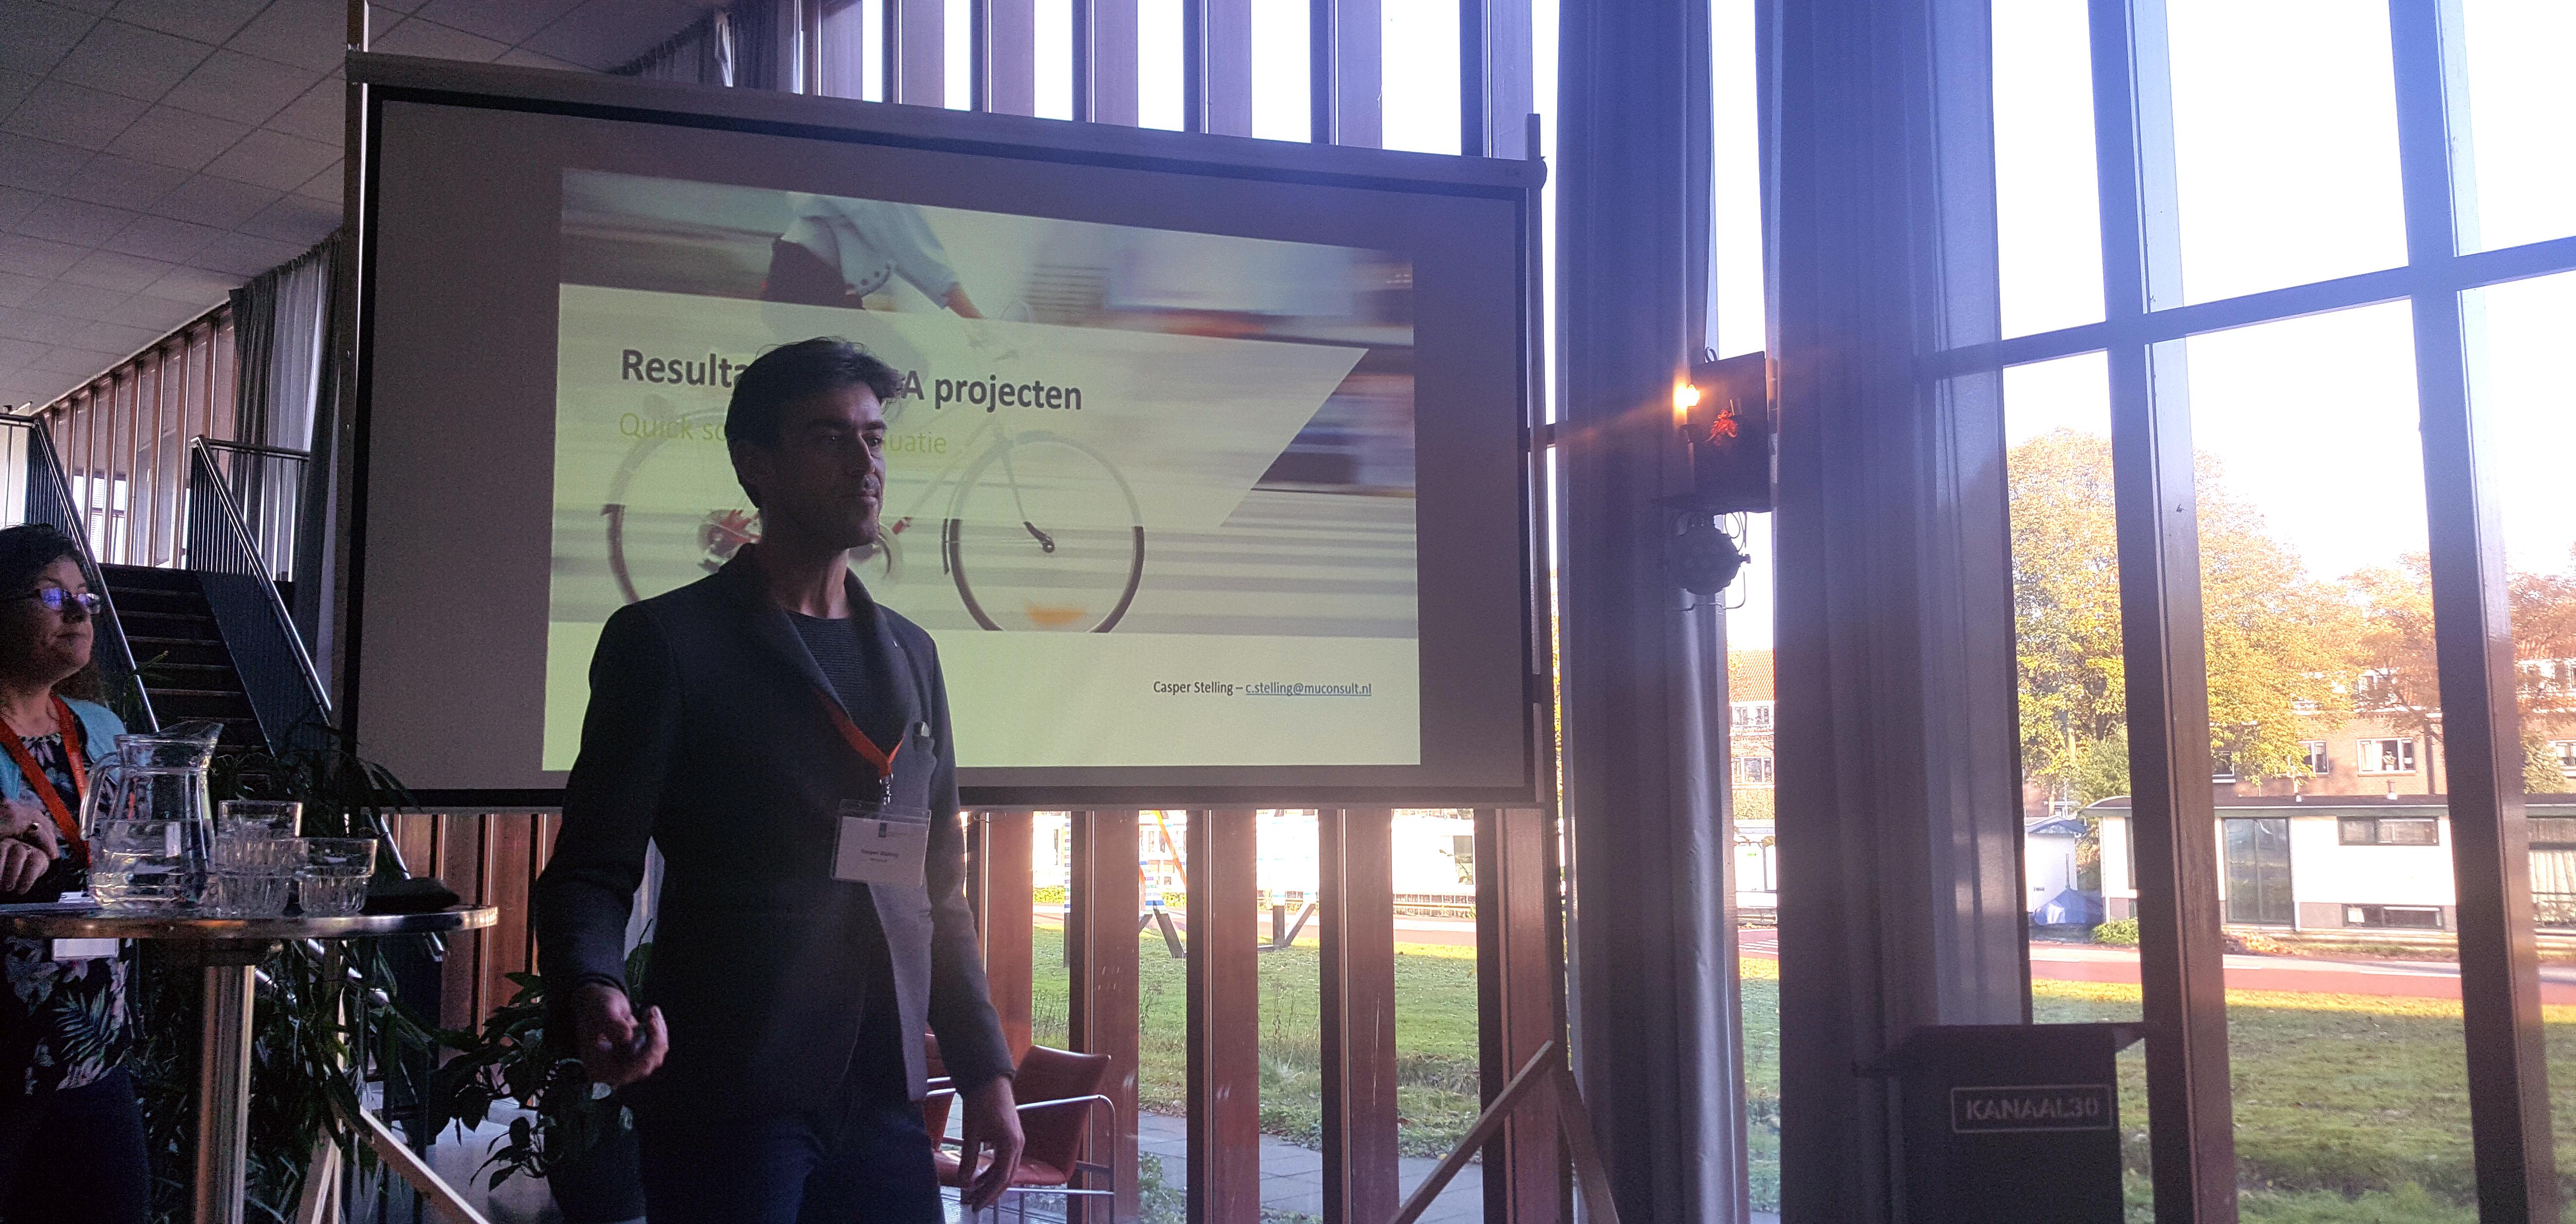 Eindevaluatie IMMA projecten: Casper Stelling presenteert resultaten projecten